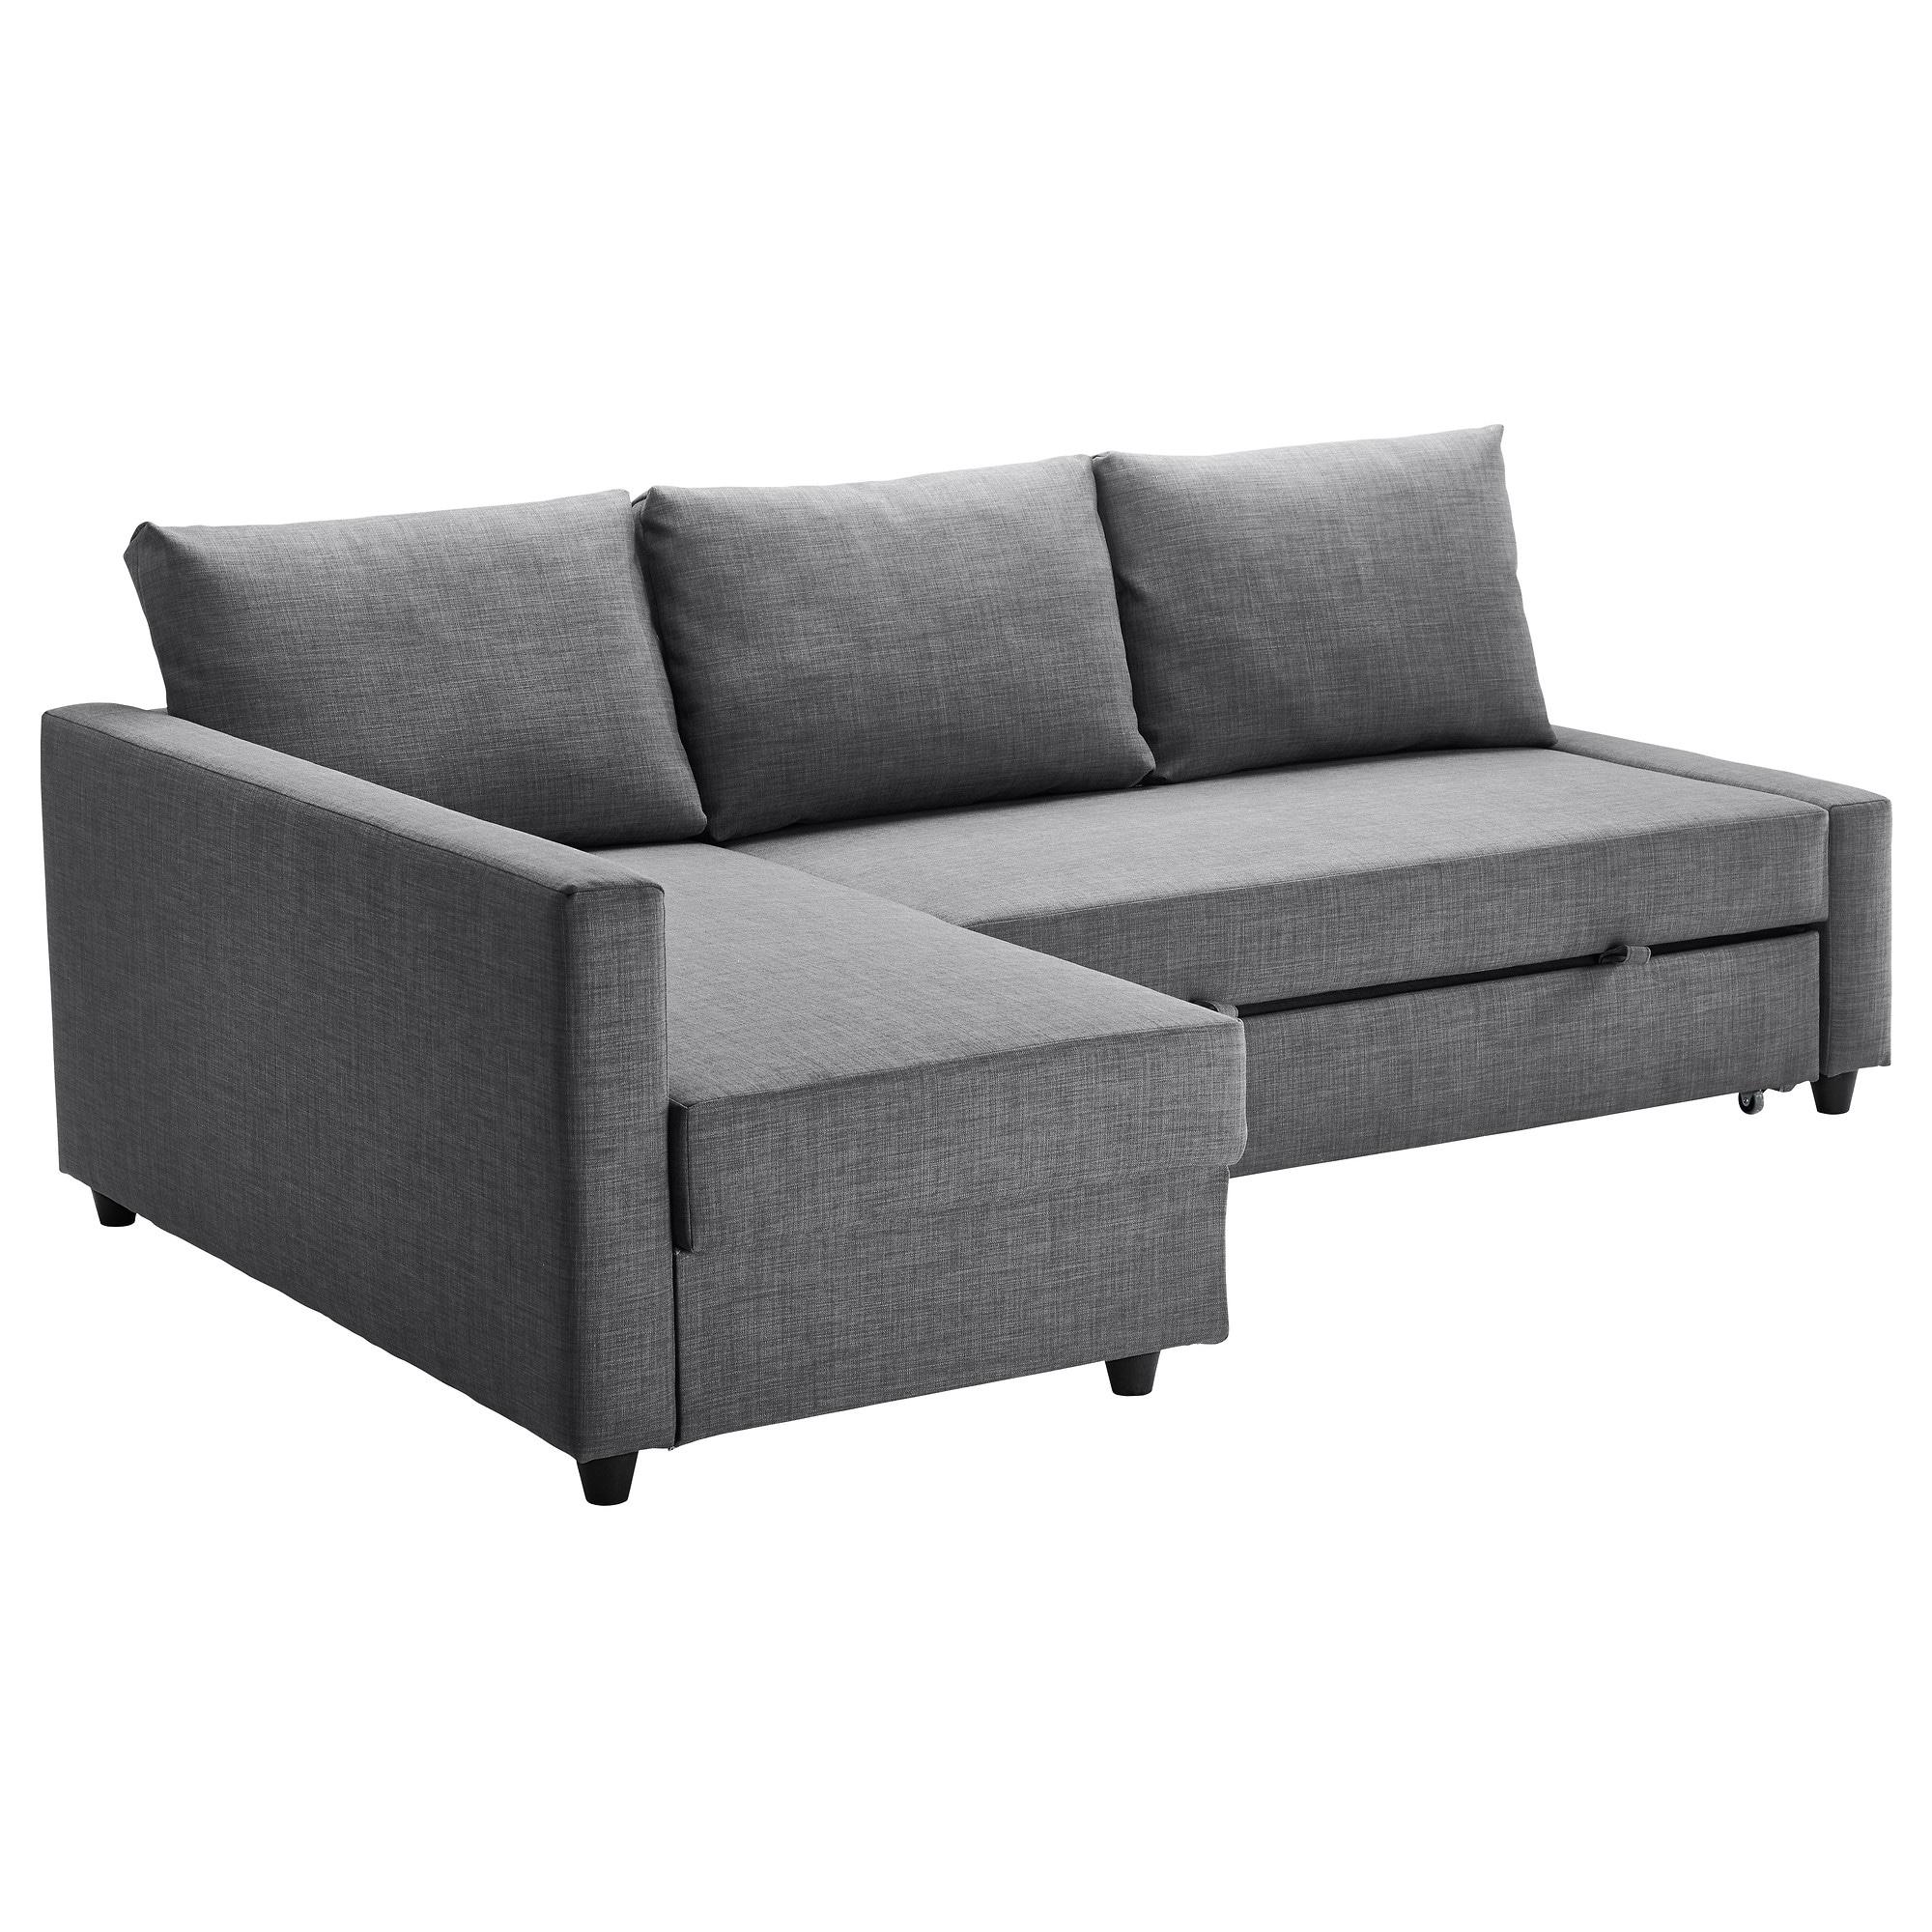 Sofa Cama Ikea Friheten Ftd8 Friheten Corner sofa Bed with Storage Skiftebo Dark Grey Ikea